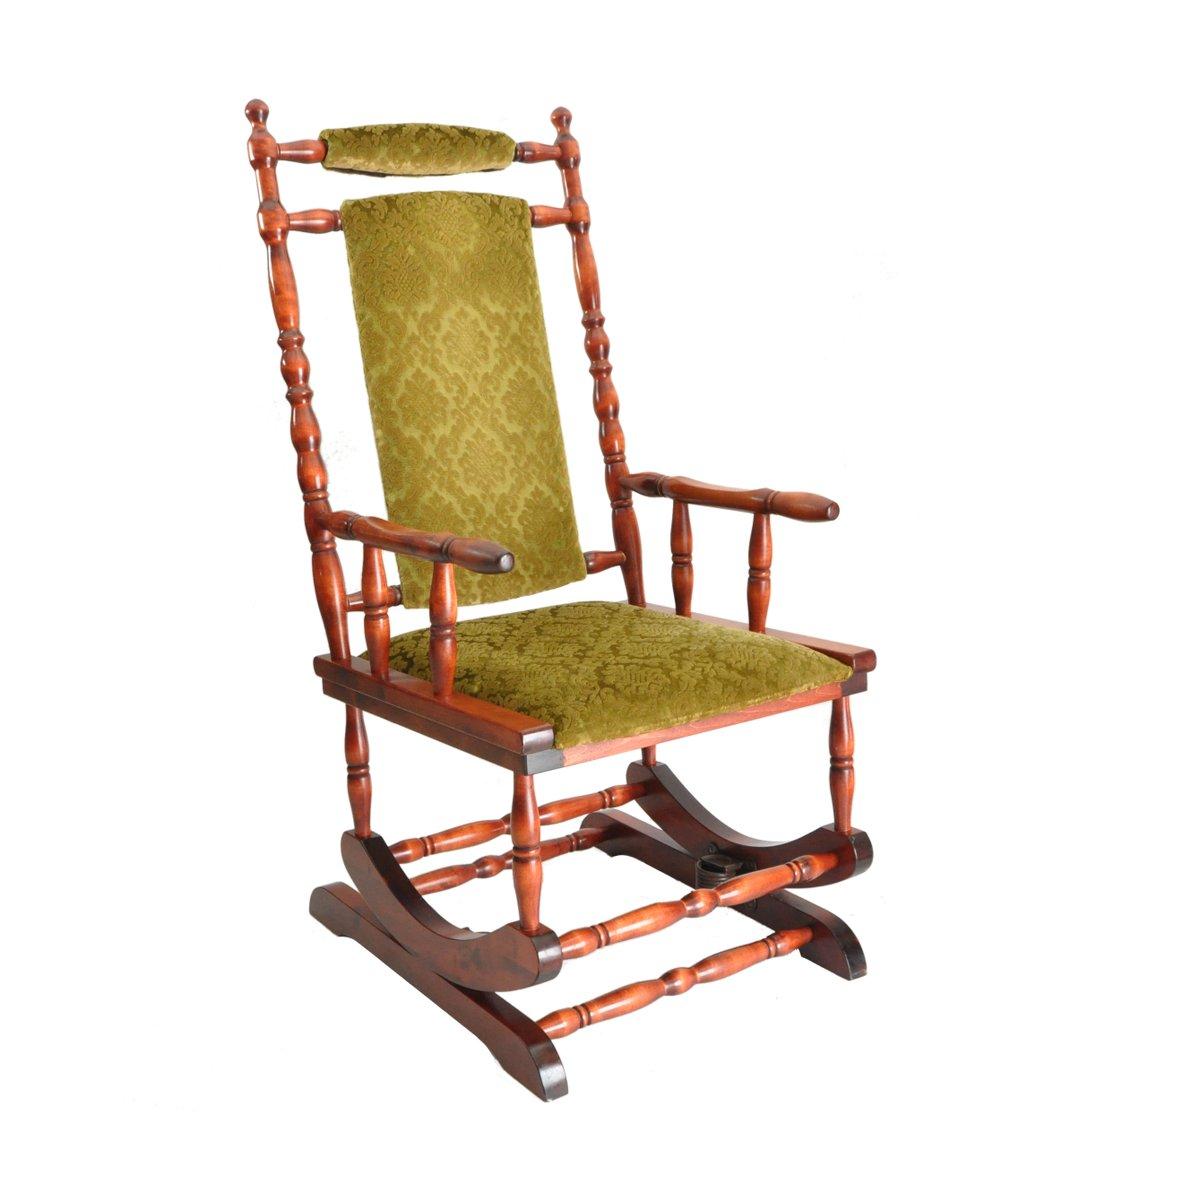 chaise bascule scandinave en bois 1950s en vente sur pamono. Black Bedroom Furniture Sets. Home Design Ideas